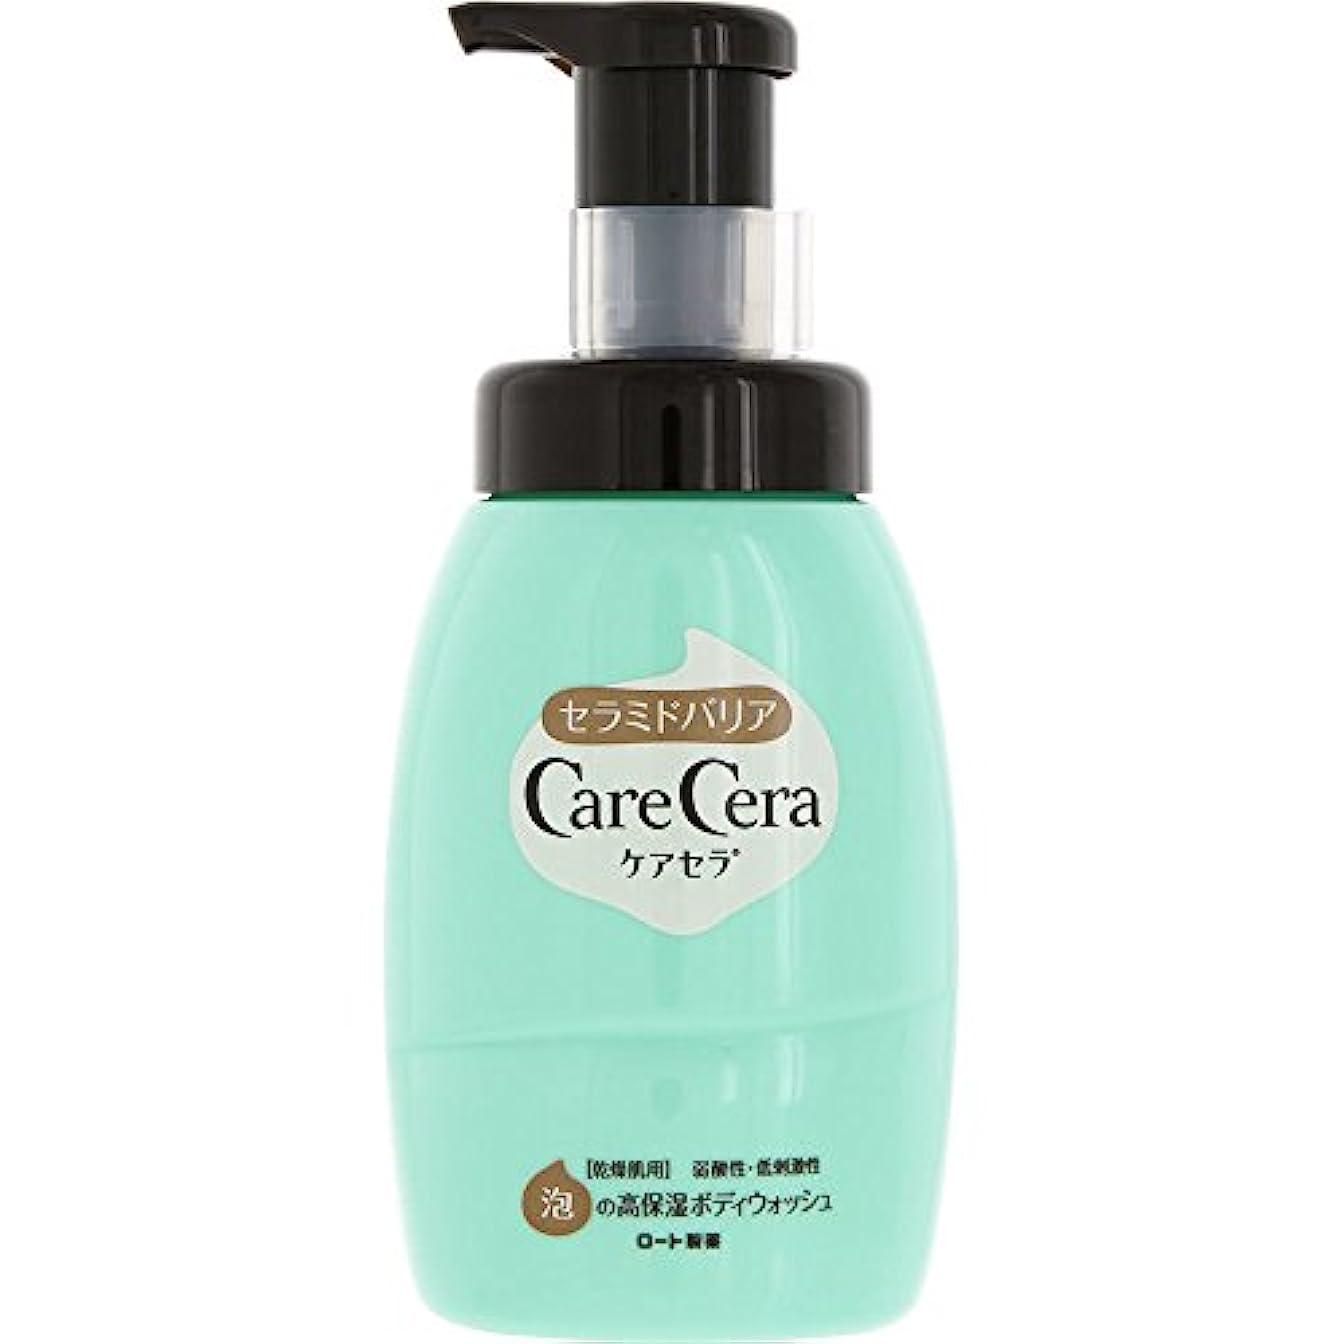 個性エクステント忍耐ケアセラ(CareCera) ロート製薬 ケアセラ  天然型セラミド7種配合 セラミド濃度10倍泡の高保湿 全身ボディウォッシュ ピュアフローラルの香り お試し企画品 300mL